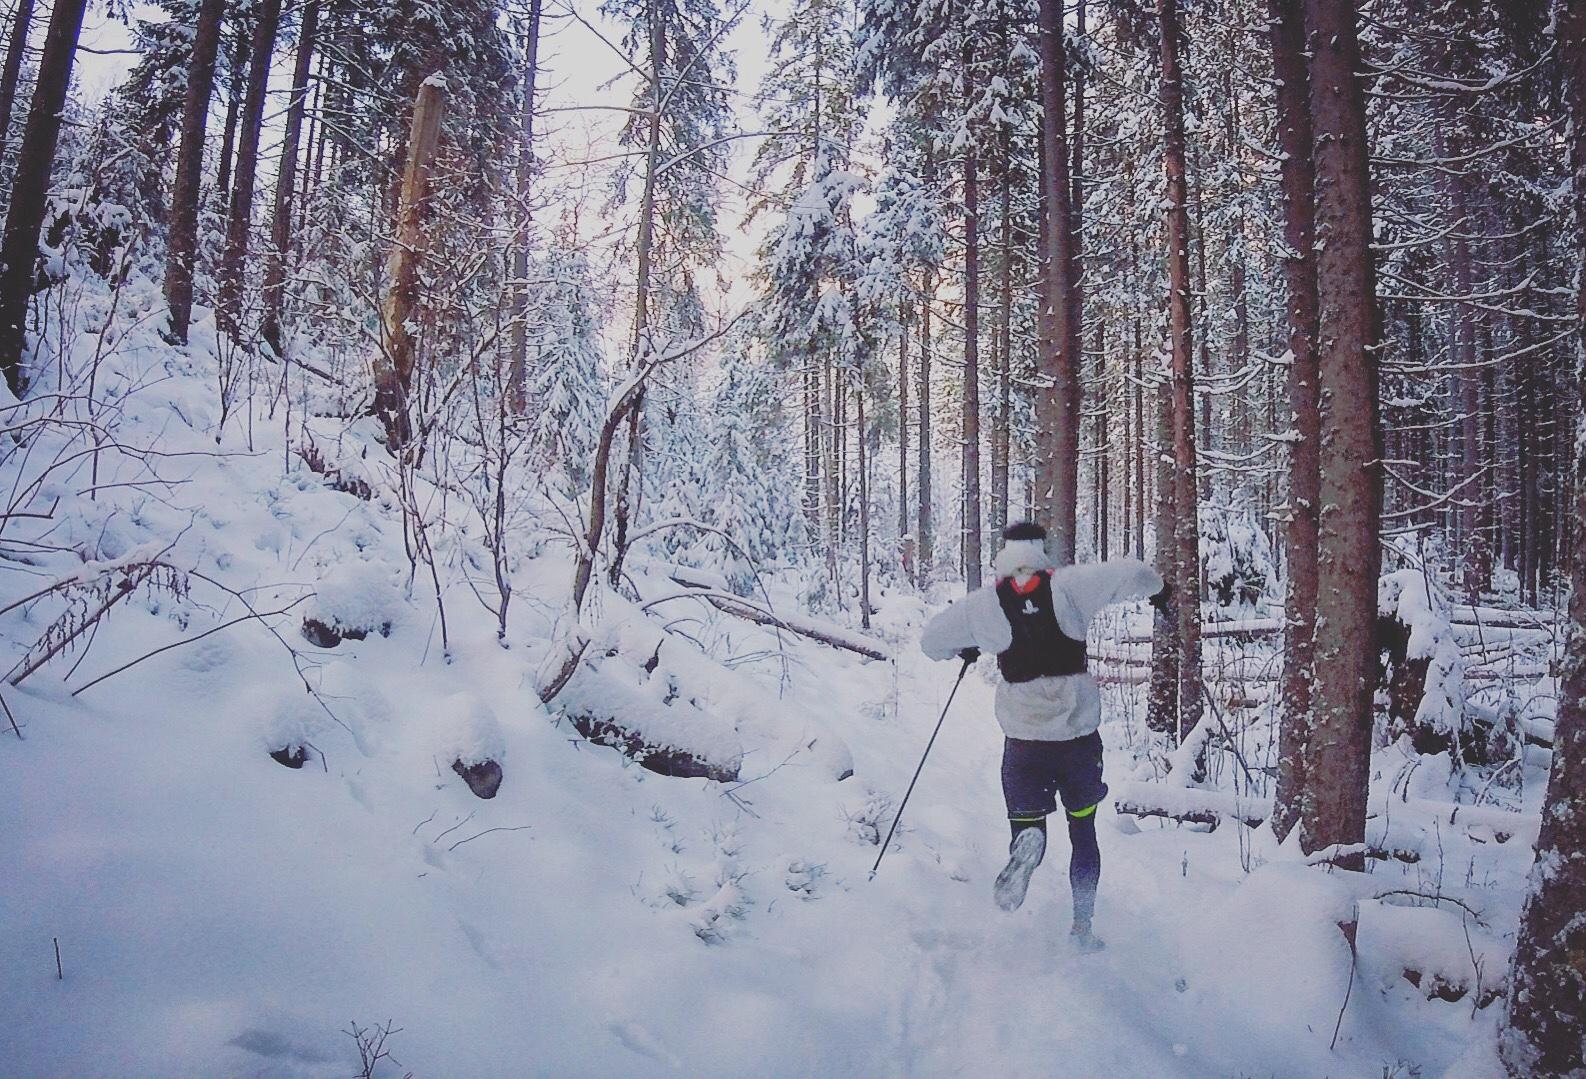 Alone in winter wonderland